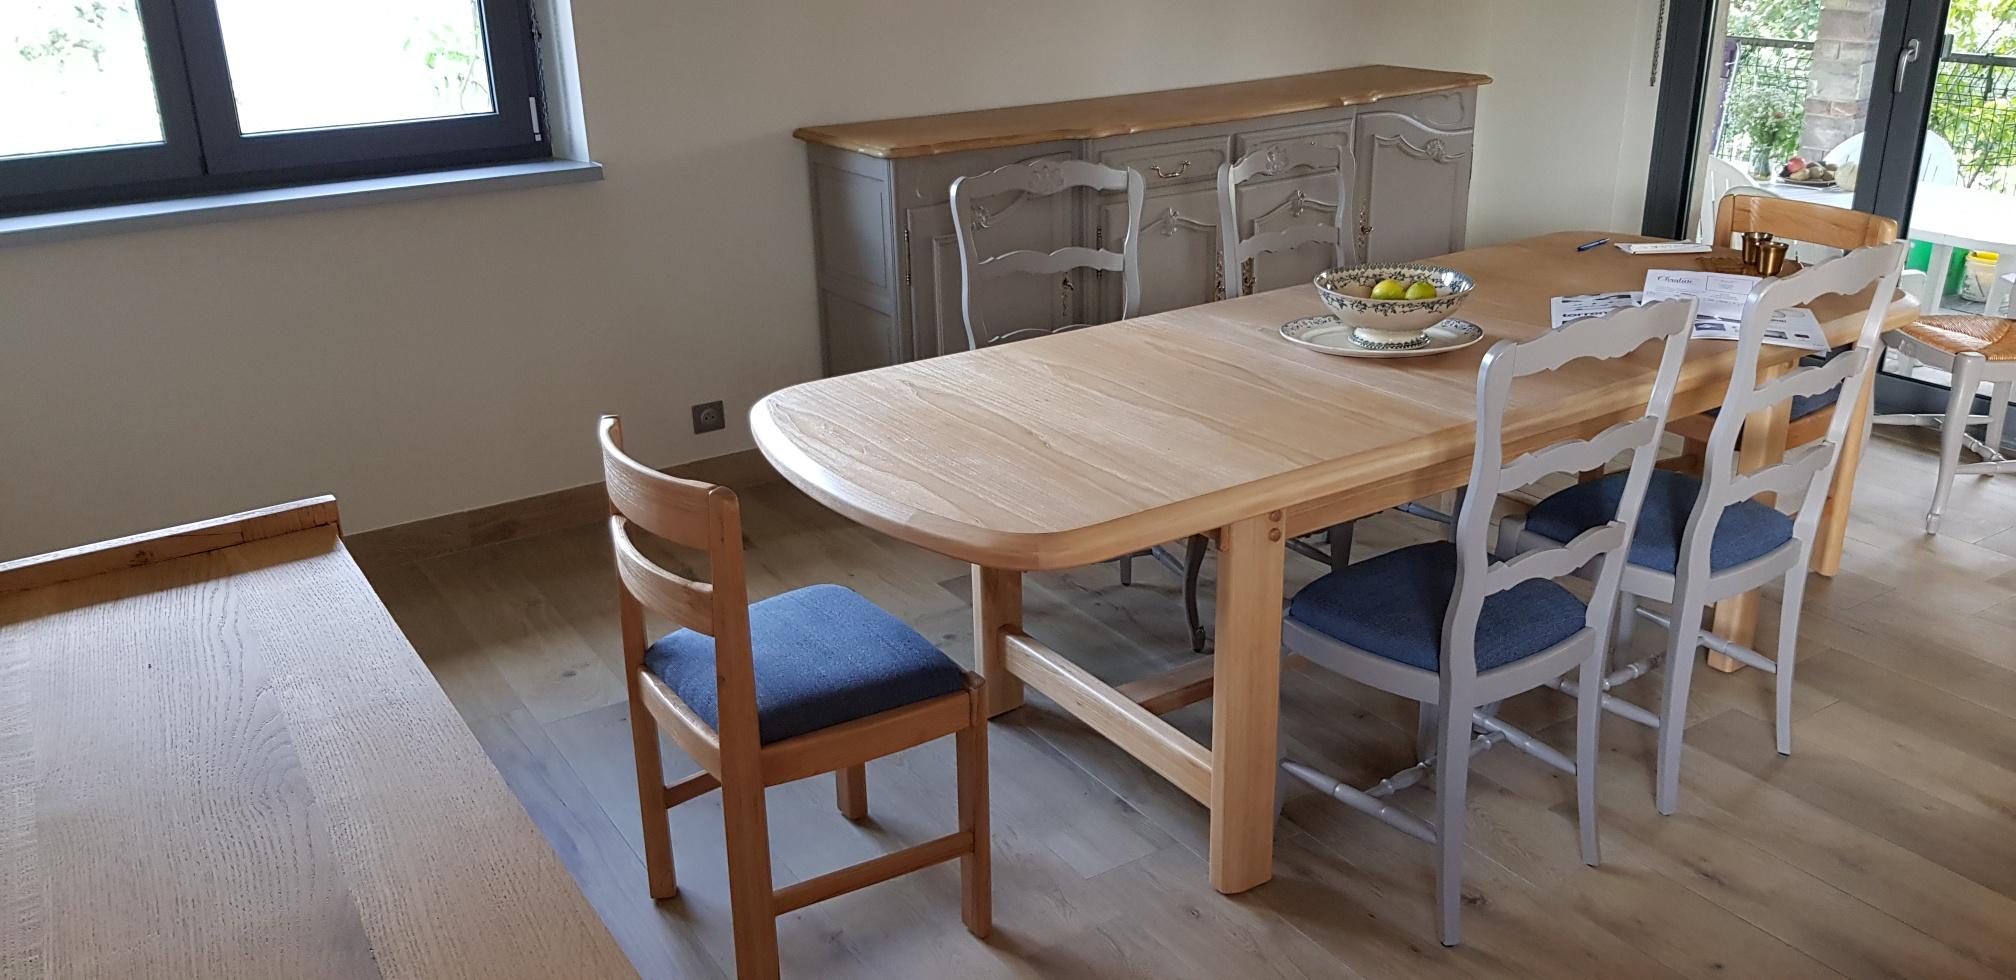 Rénovation de mobilier à Plobsheim